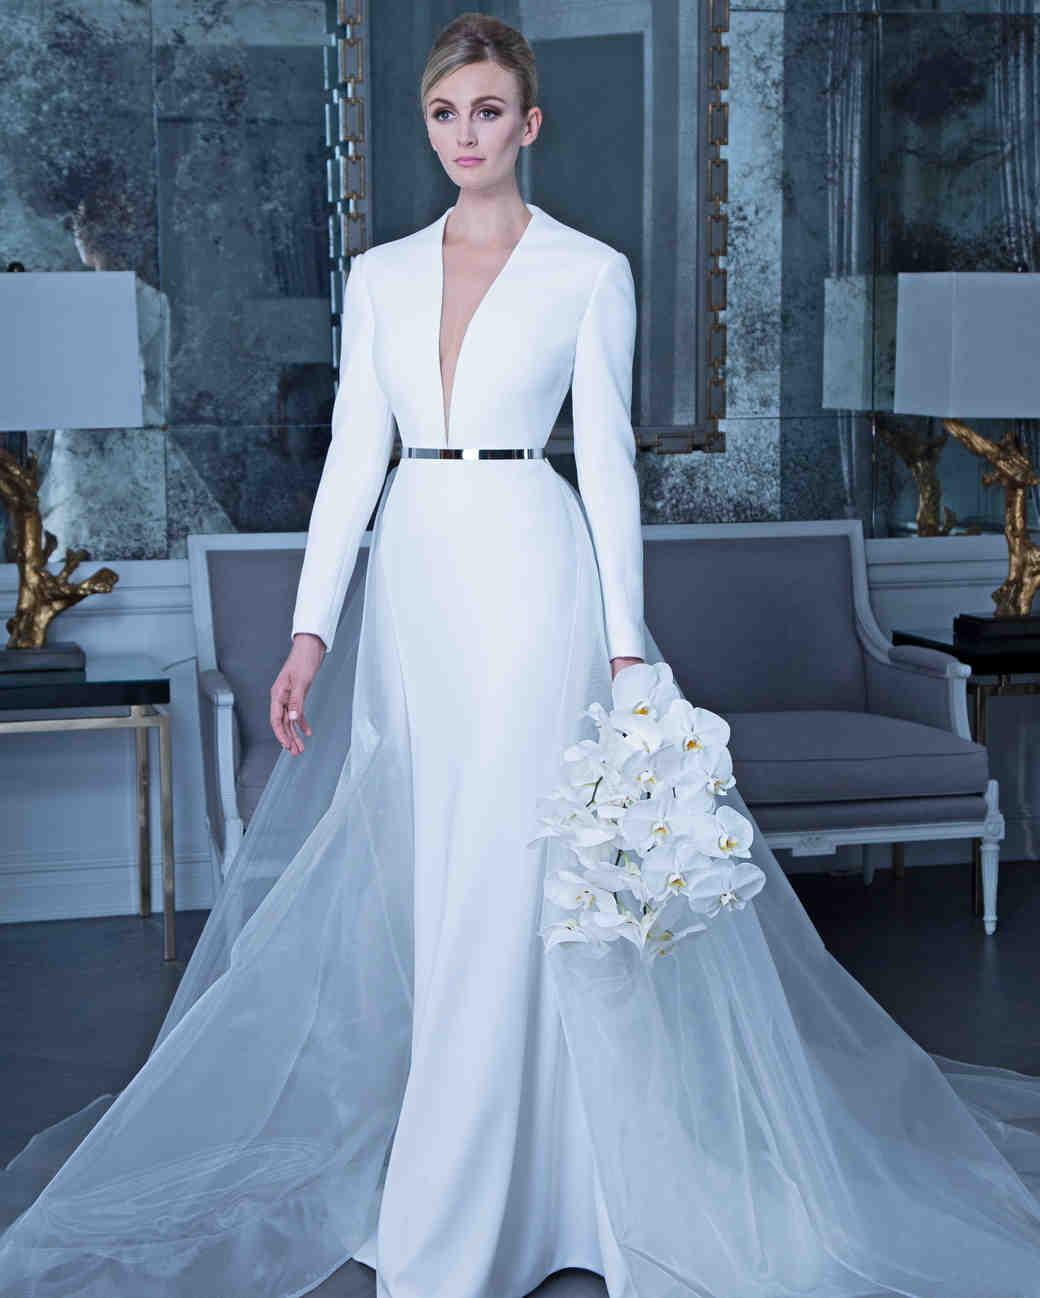 LongSleeved Wedding Dresses We Love  Martha Stewart Weddings